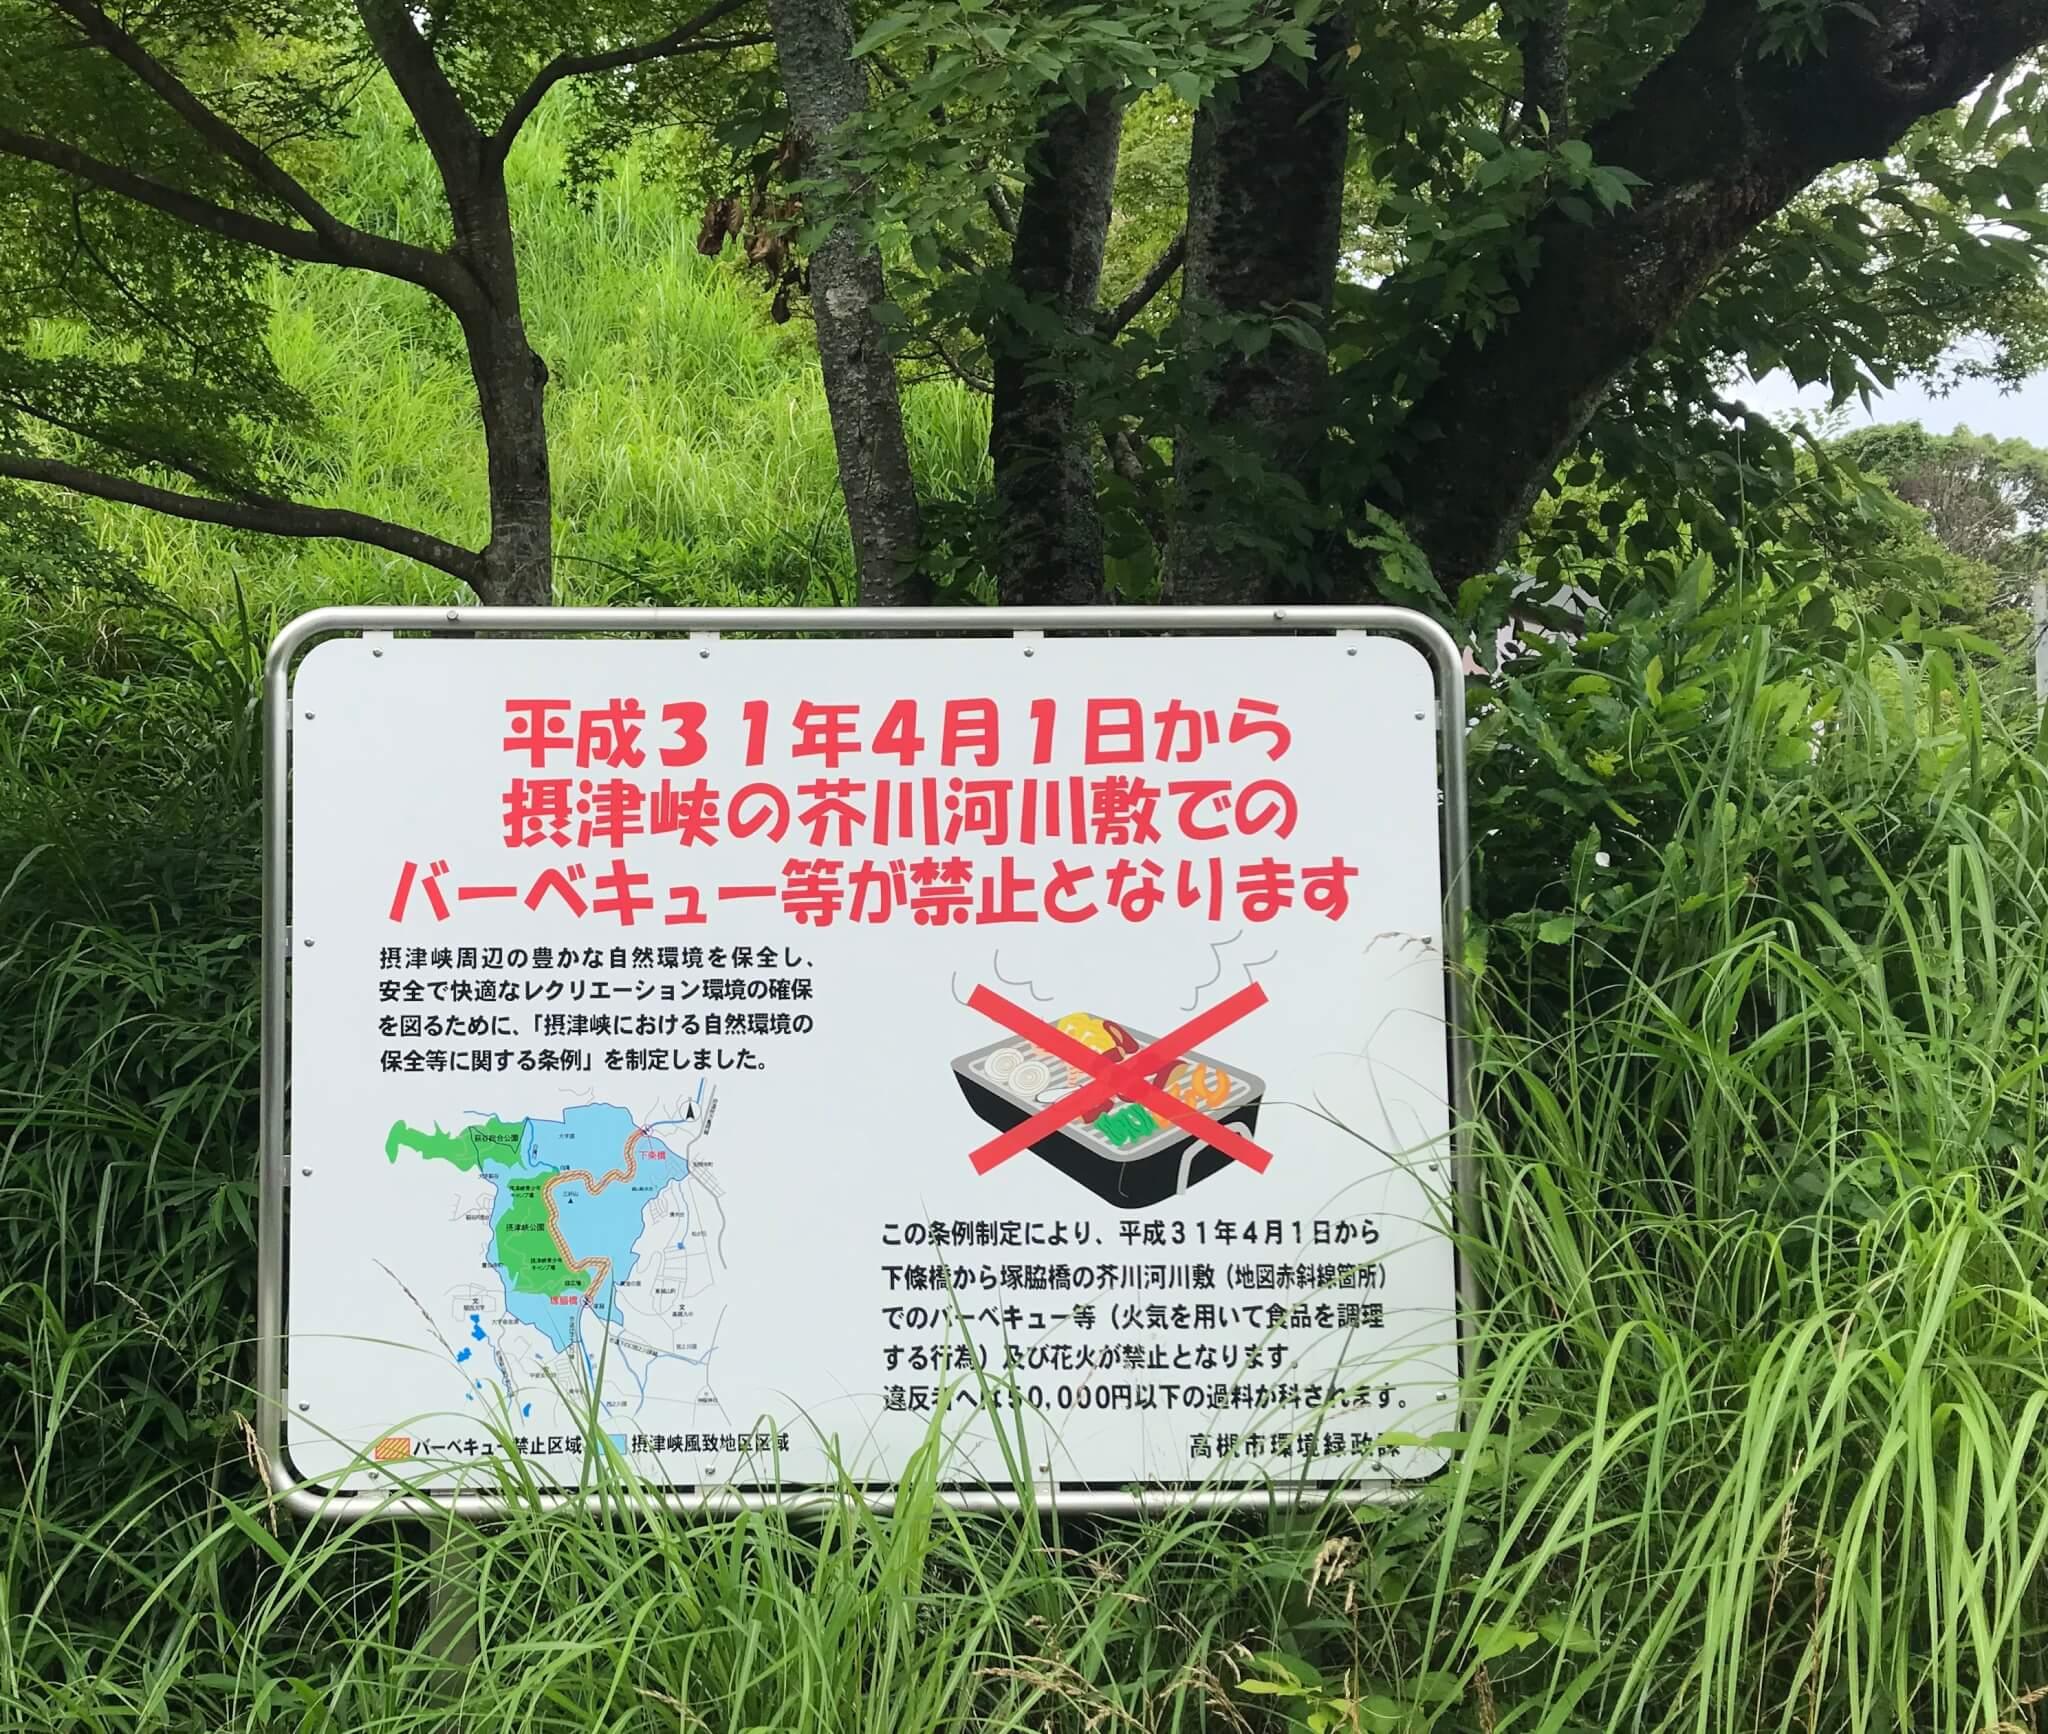 平成31年四月一日から摂津峡の芥川河川敷でのバーベキュー等が禁止となります